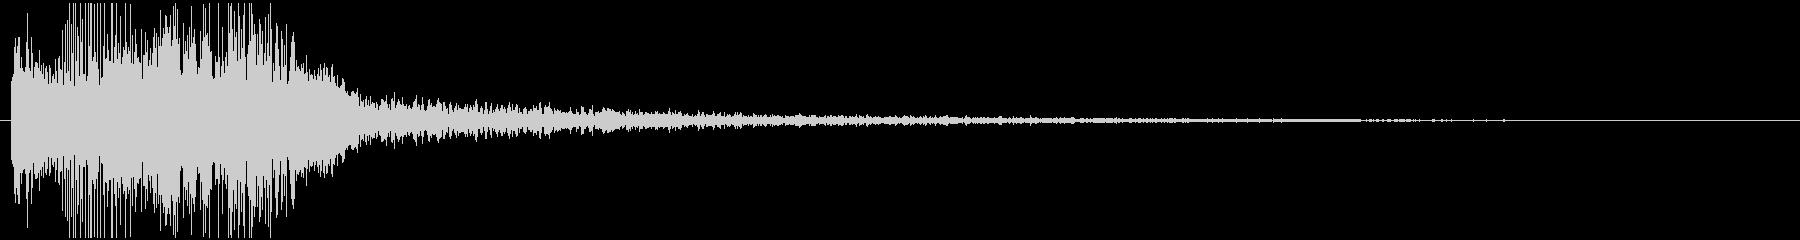 パワージングル シンセ SE1の未再生の波形